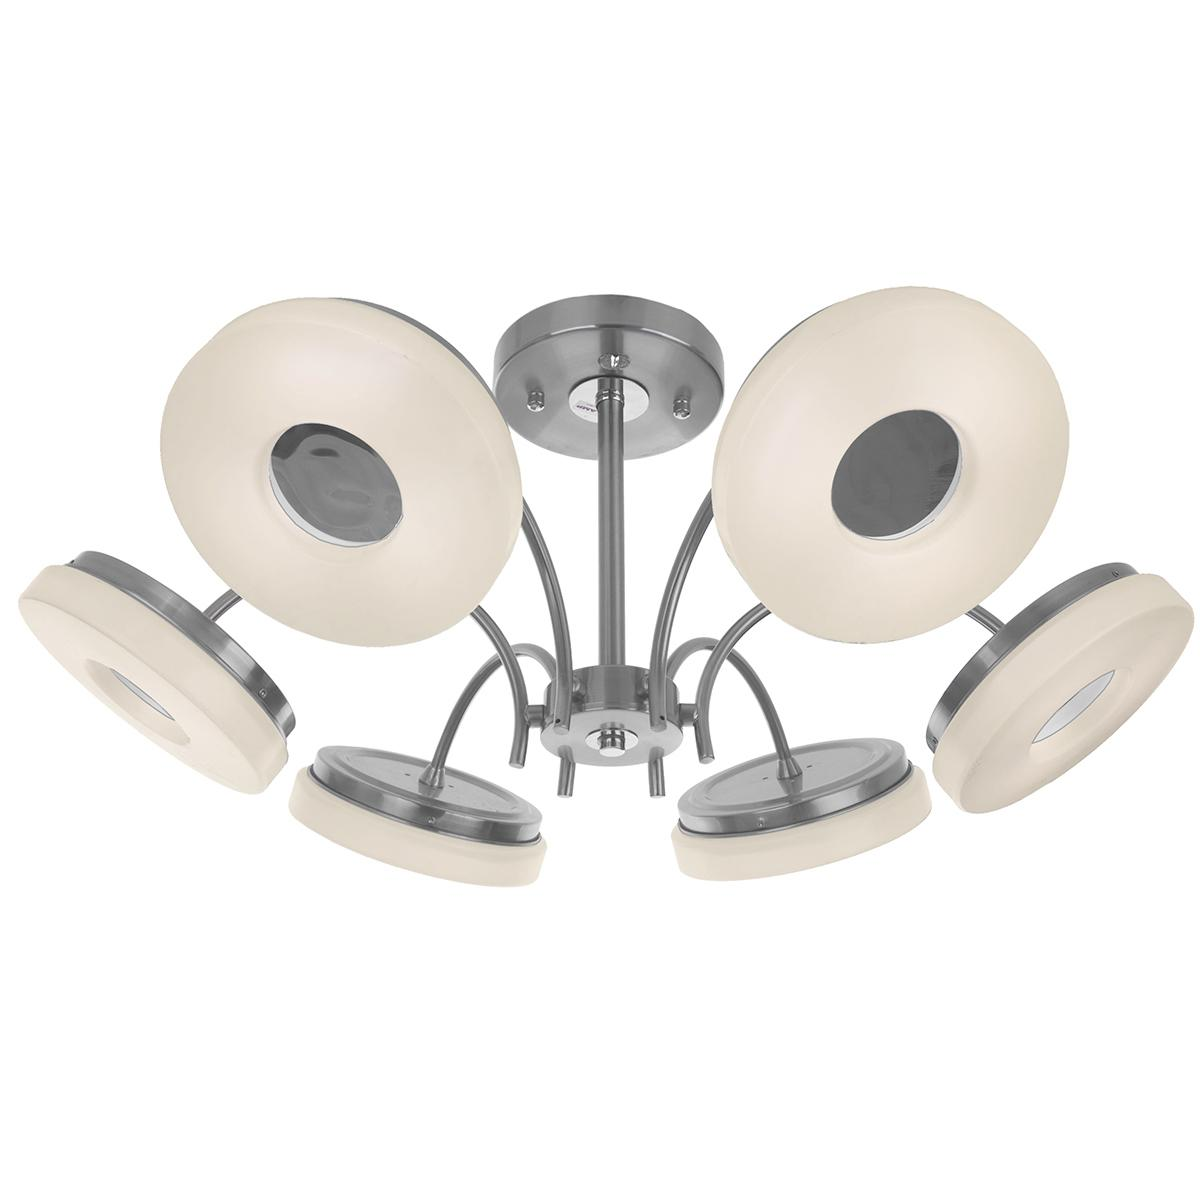 Люстра IDLamp Frittelle 107/6PF-LED потолочная velante потолочная люстра velante 269 107 03